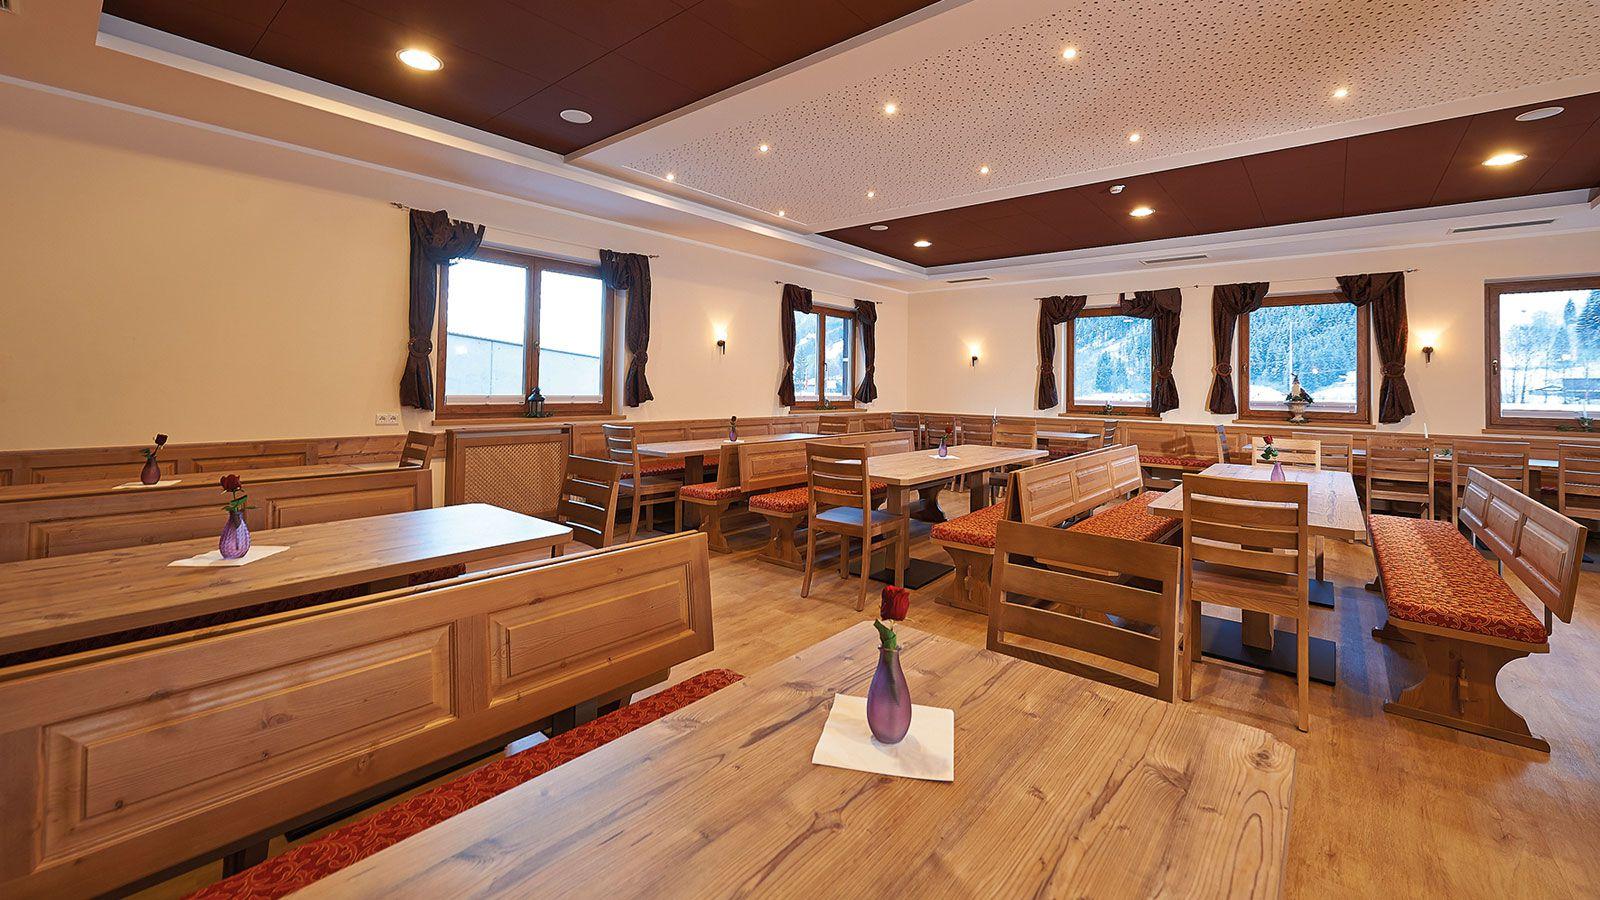 Hotel Der Wolkensteinb 228 R School Ski Trip Accommodation